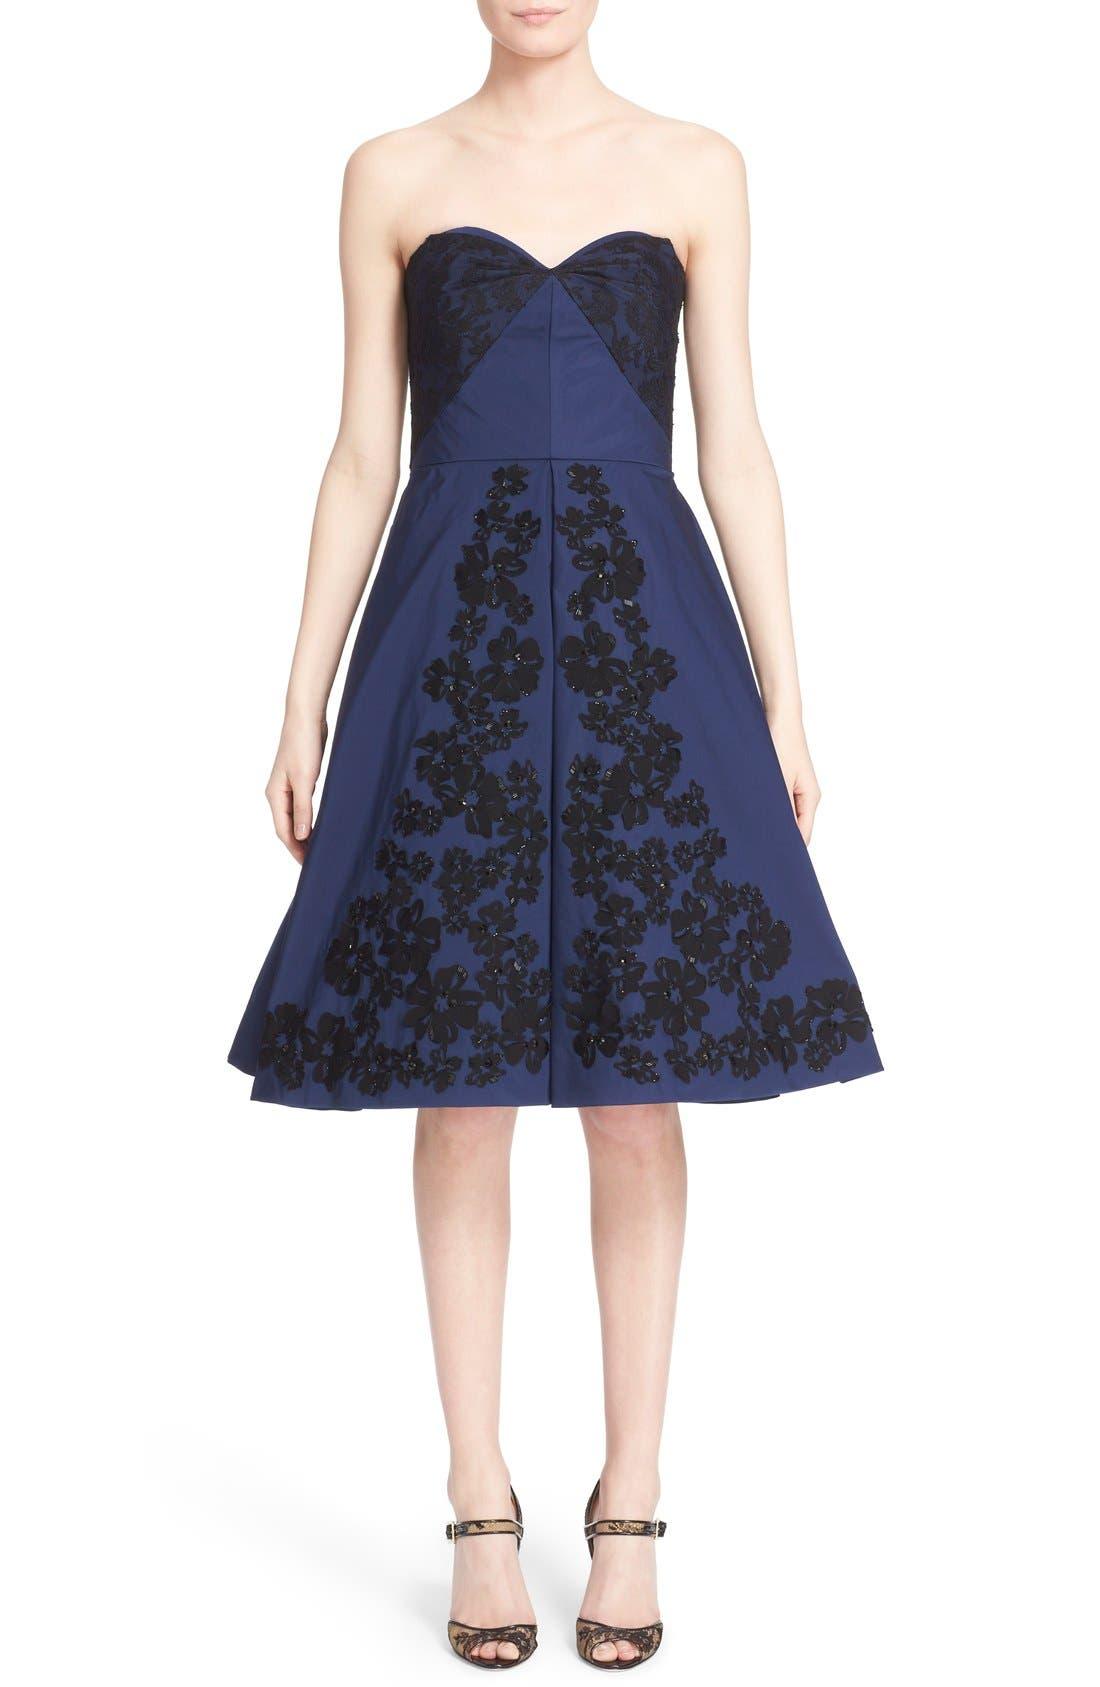 Alternate Image 1 Selected - Oscar de la Renta Floral Embellished Strapless Fit & Flare Dress